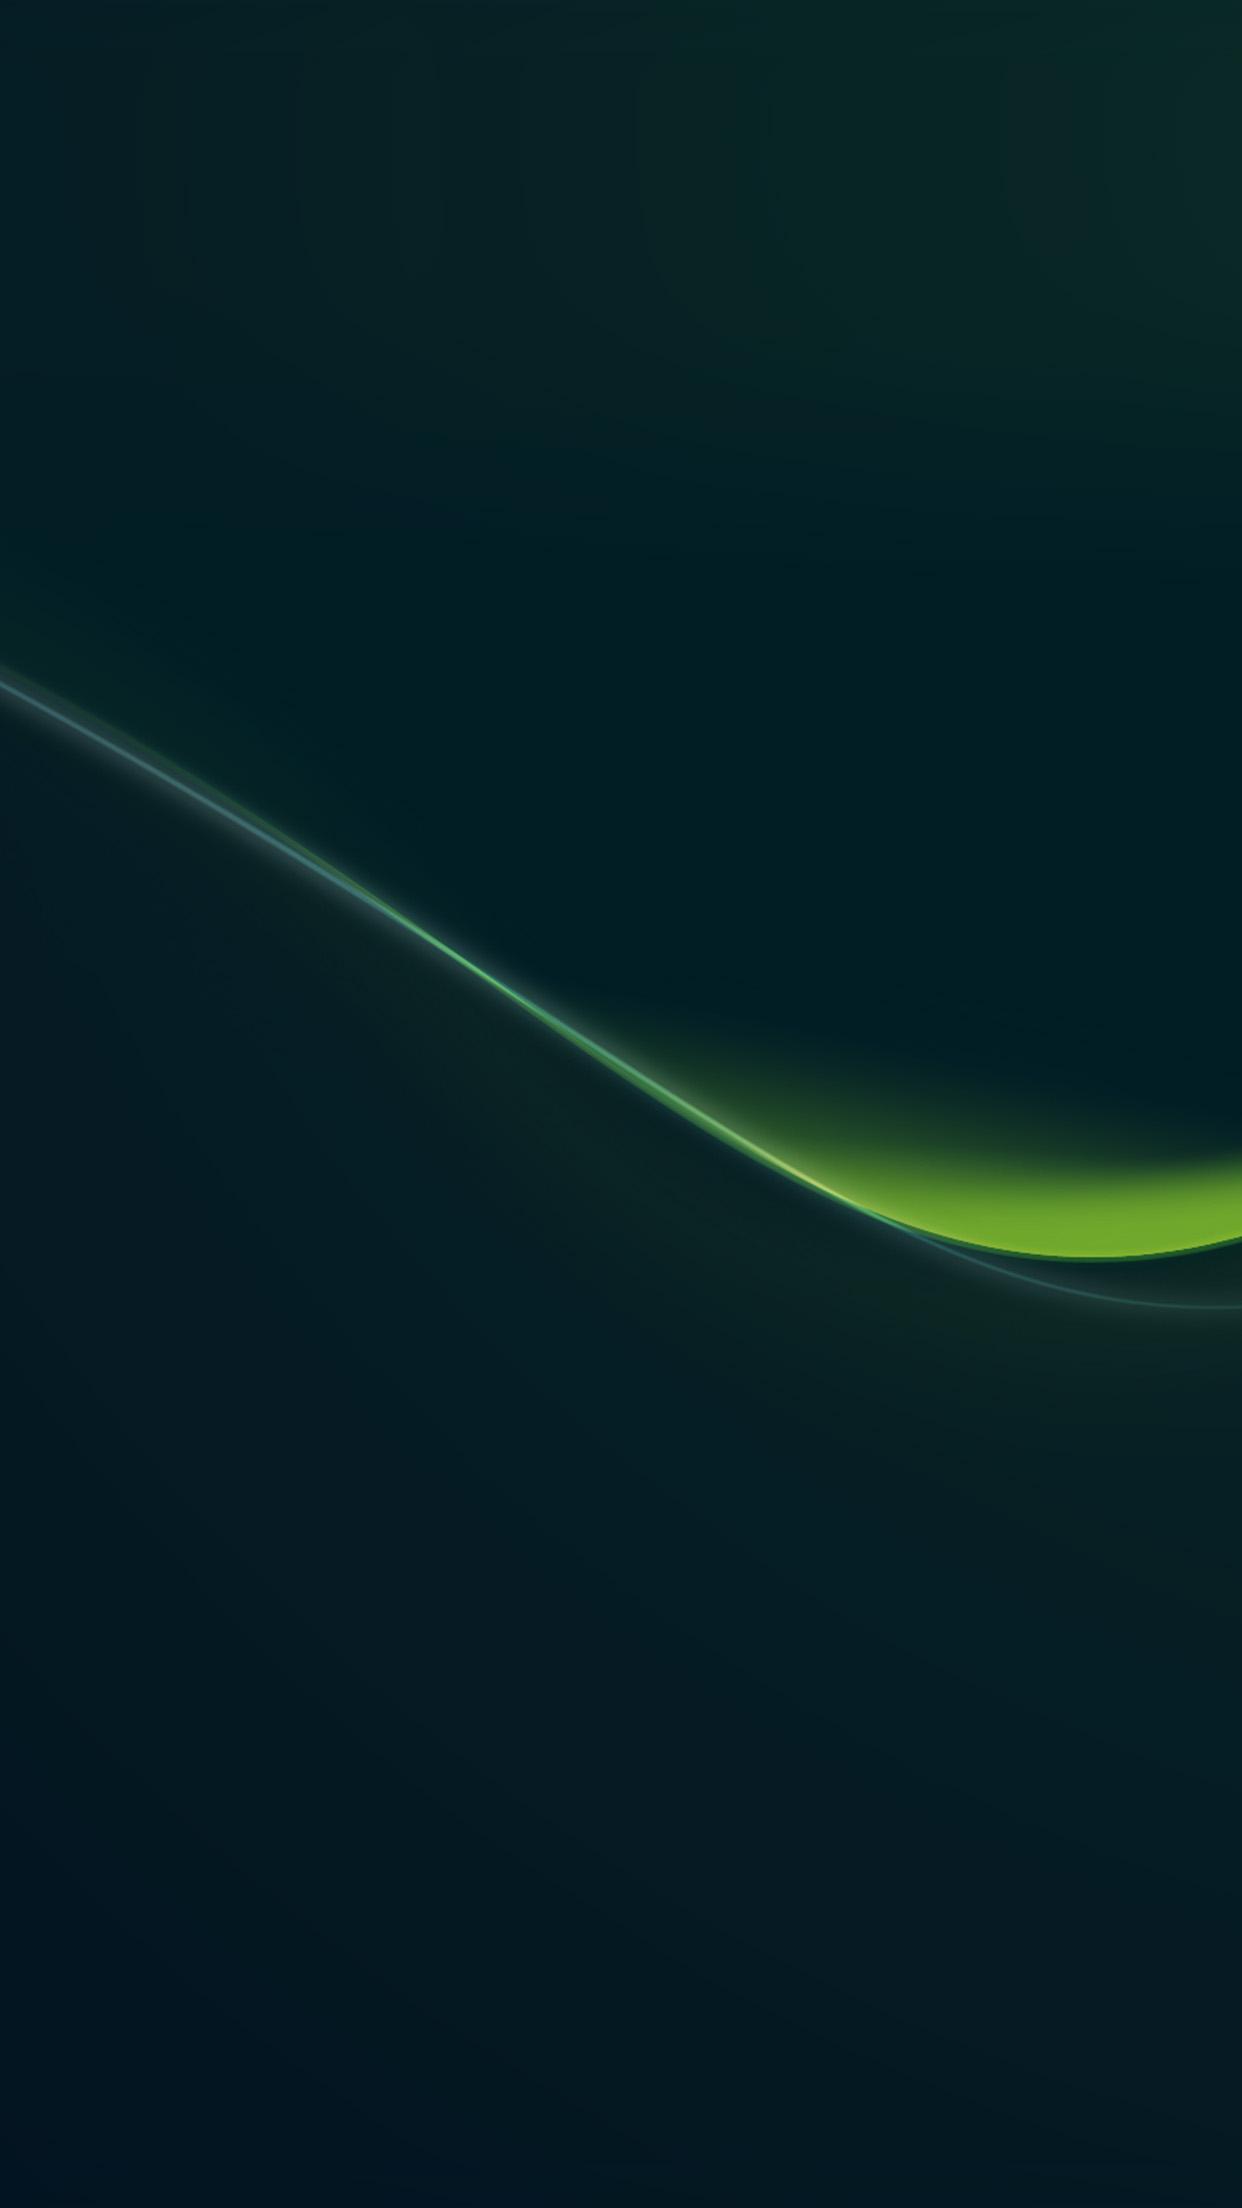 Iphonepapers Com Iphone 8 Wallpaper Vn38 Green Line Dark